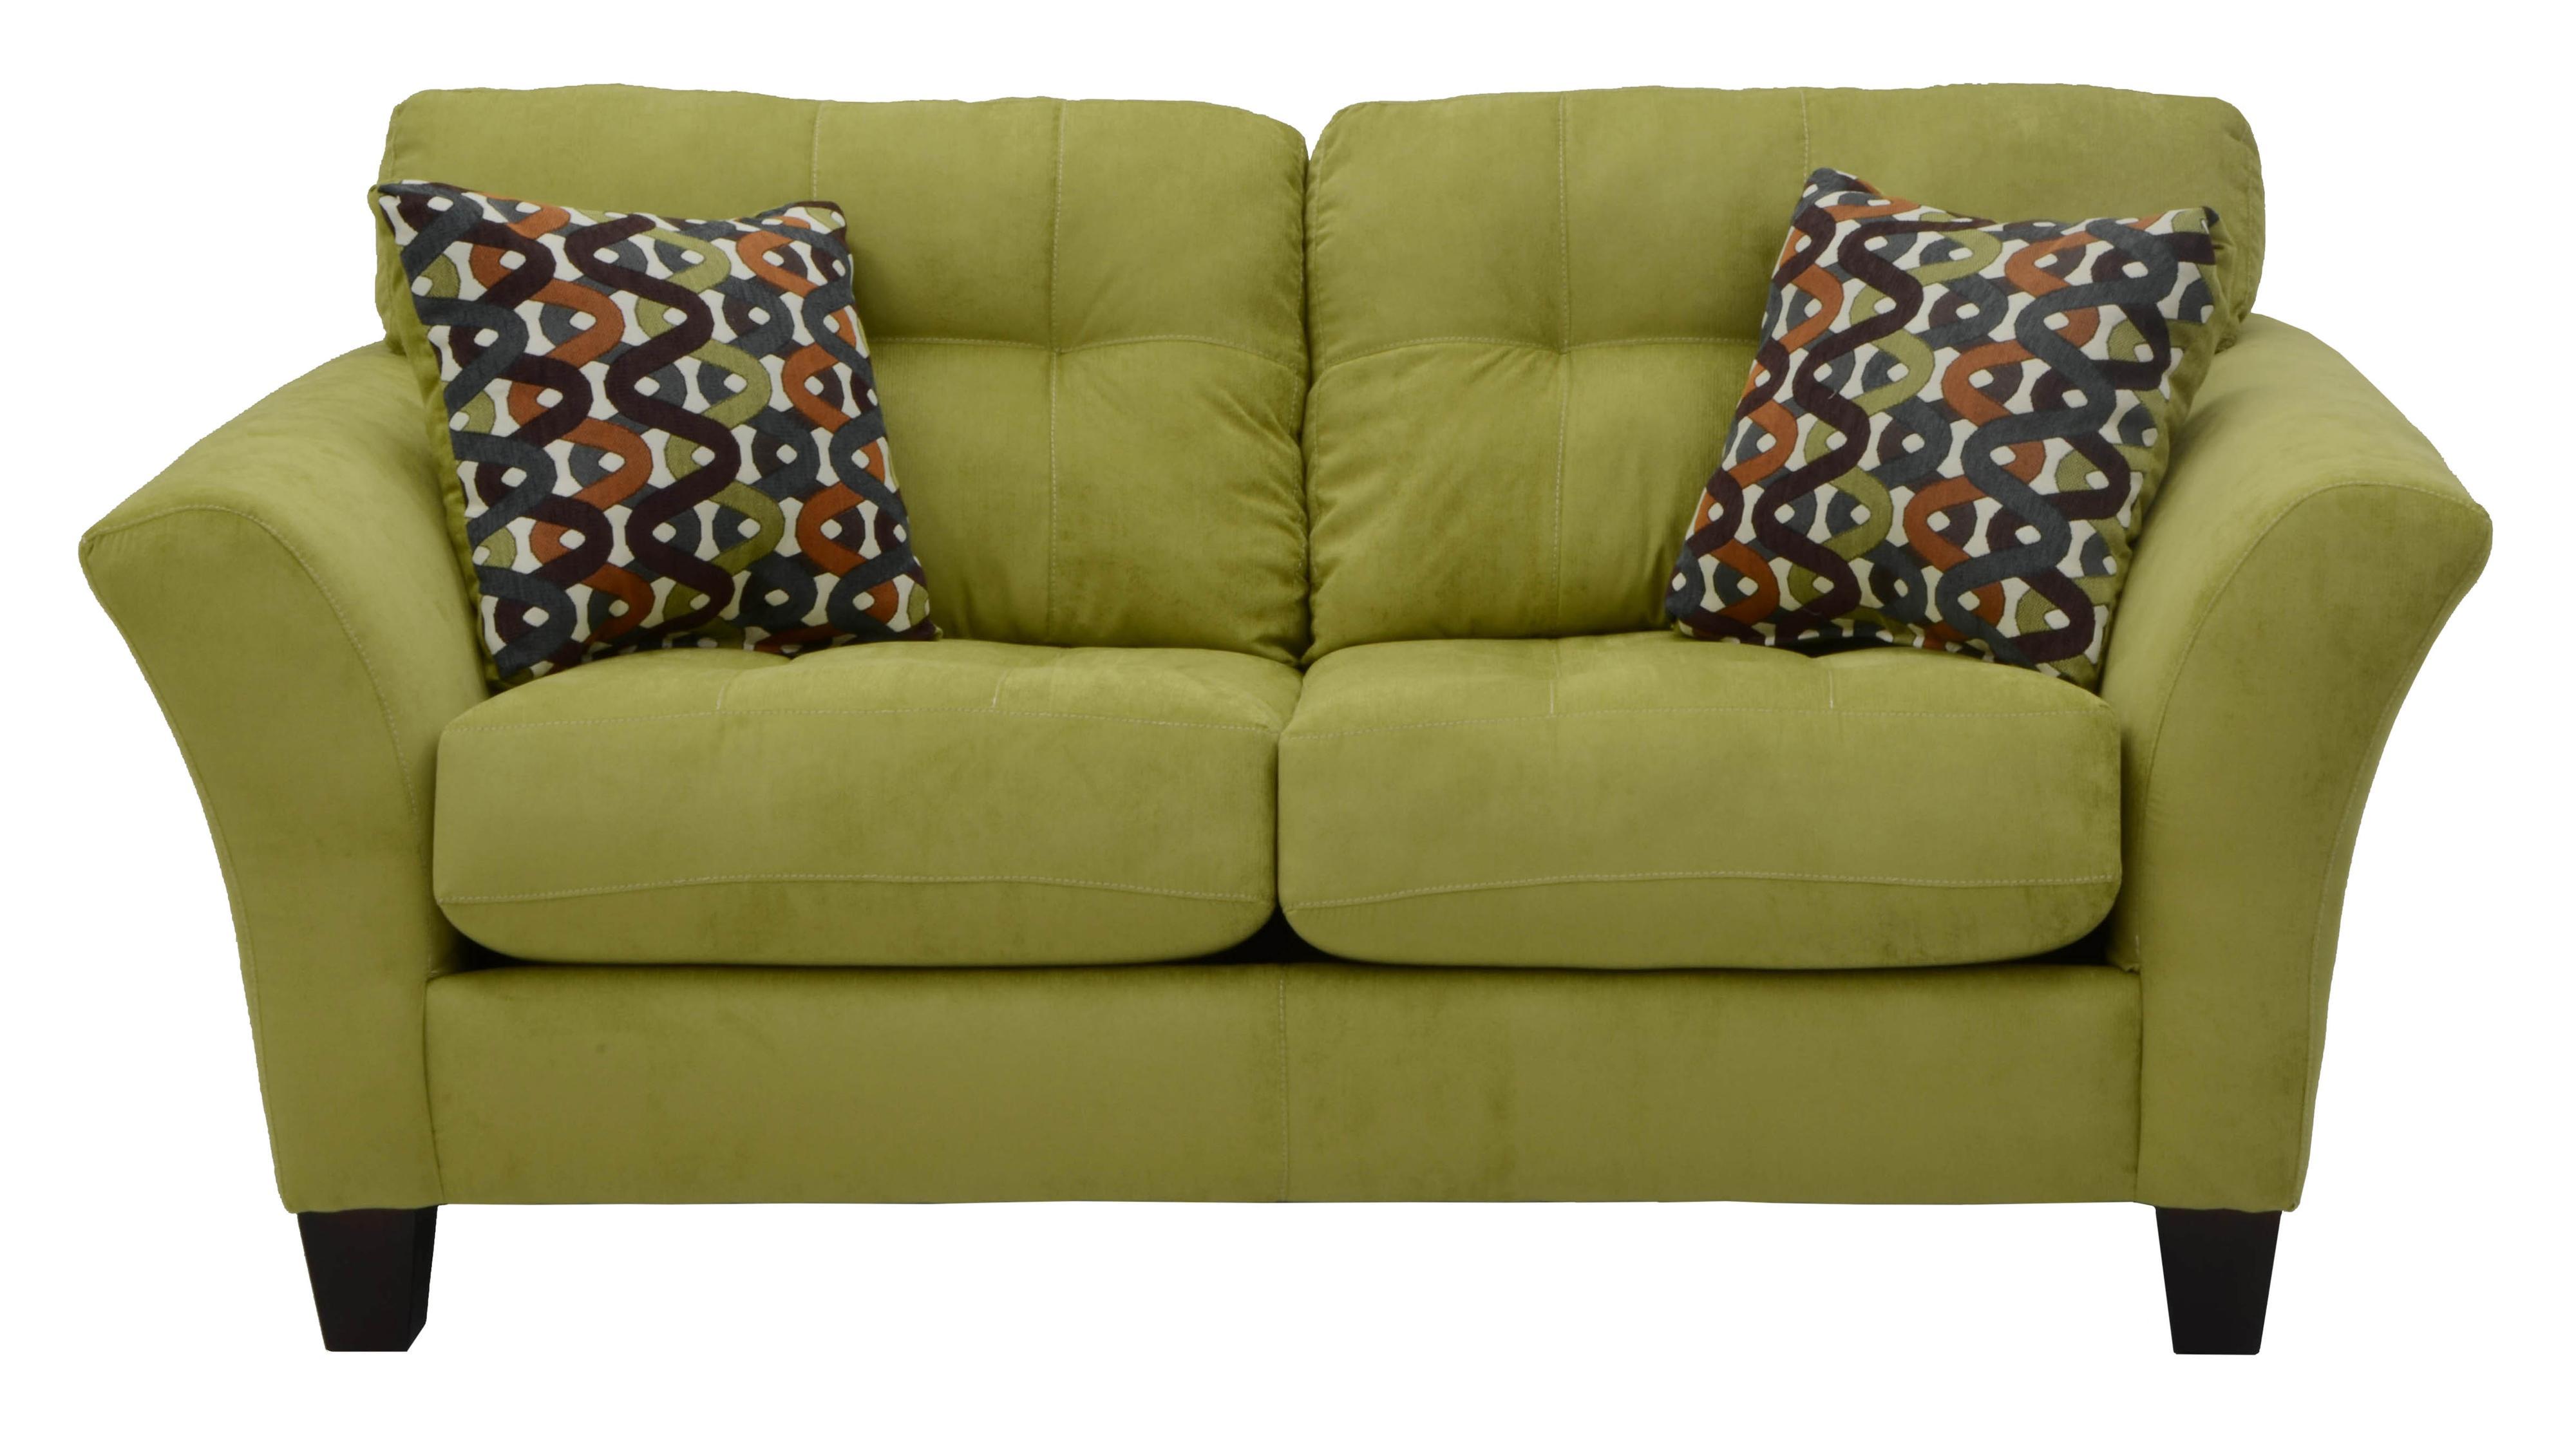 Jackson Furniture Halle Loveseat - Item Number: 4381-02 Basil